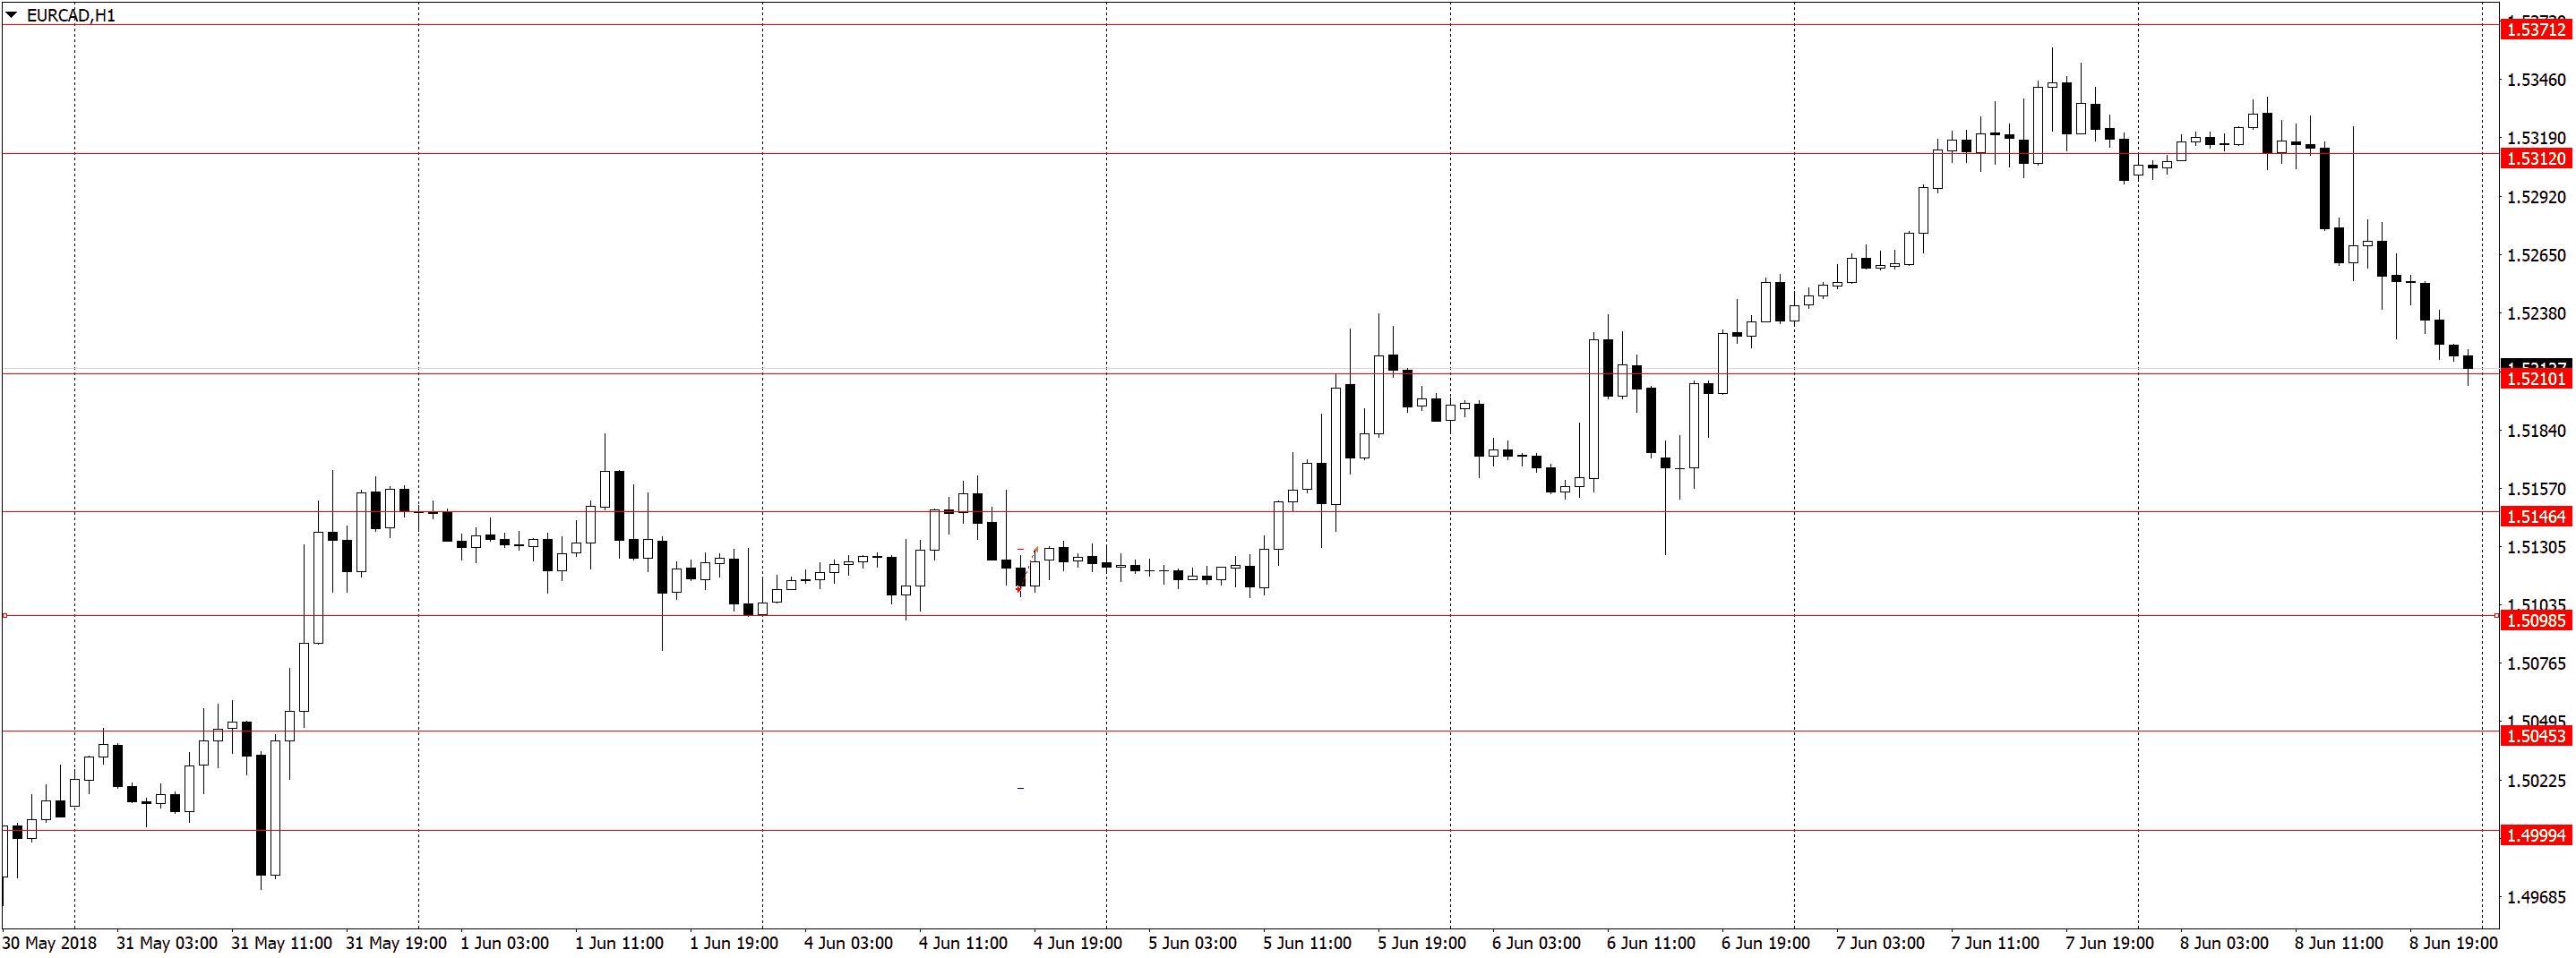 EURCADH1 1 Торговля по H1, трейдинг в удовольствие, три состояния рынка